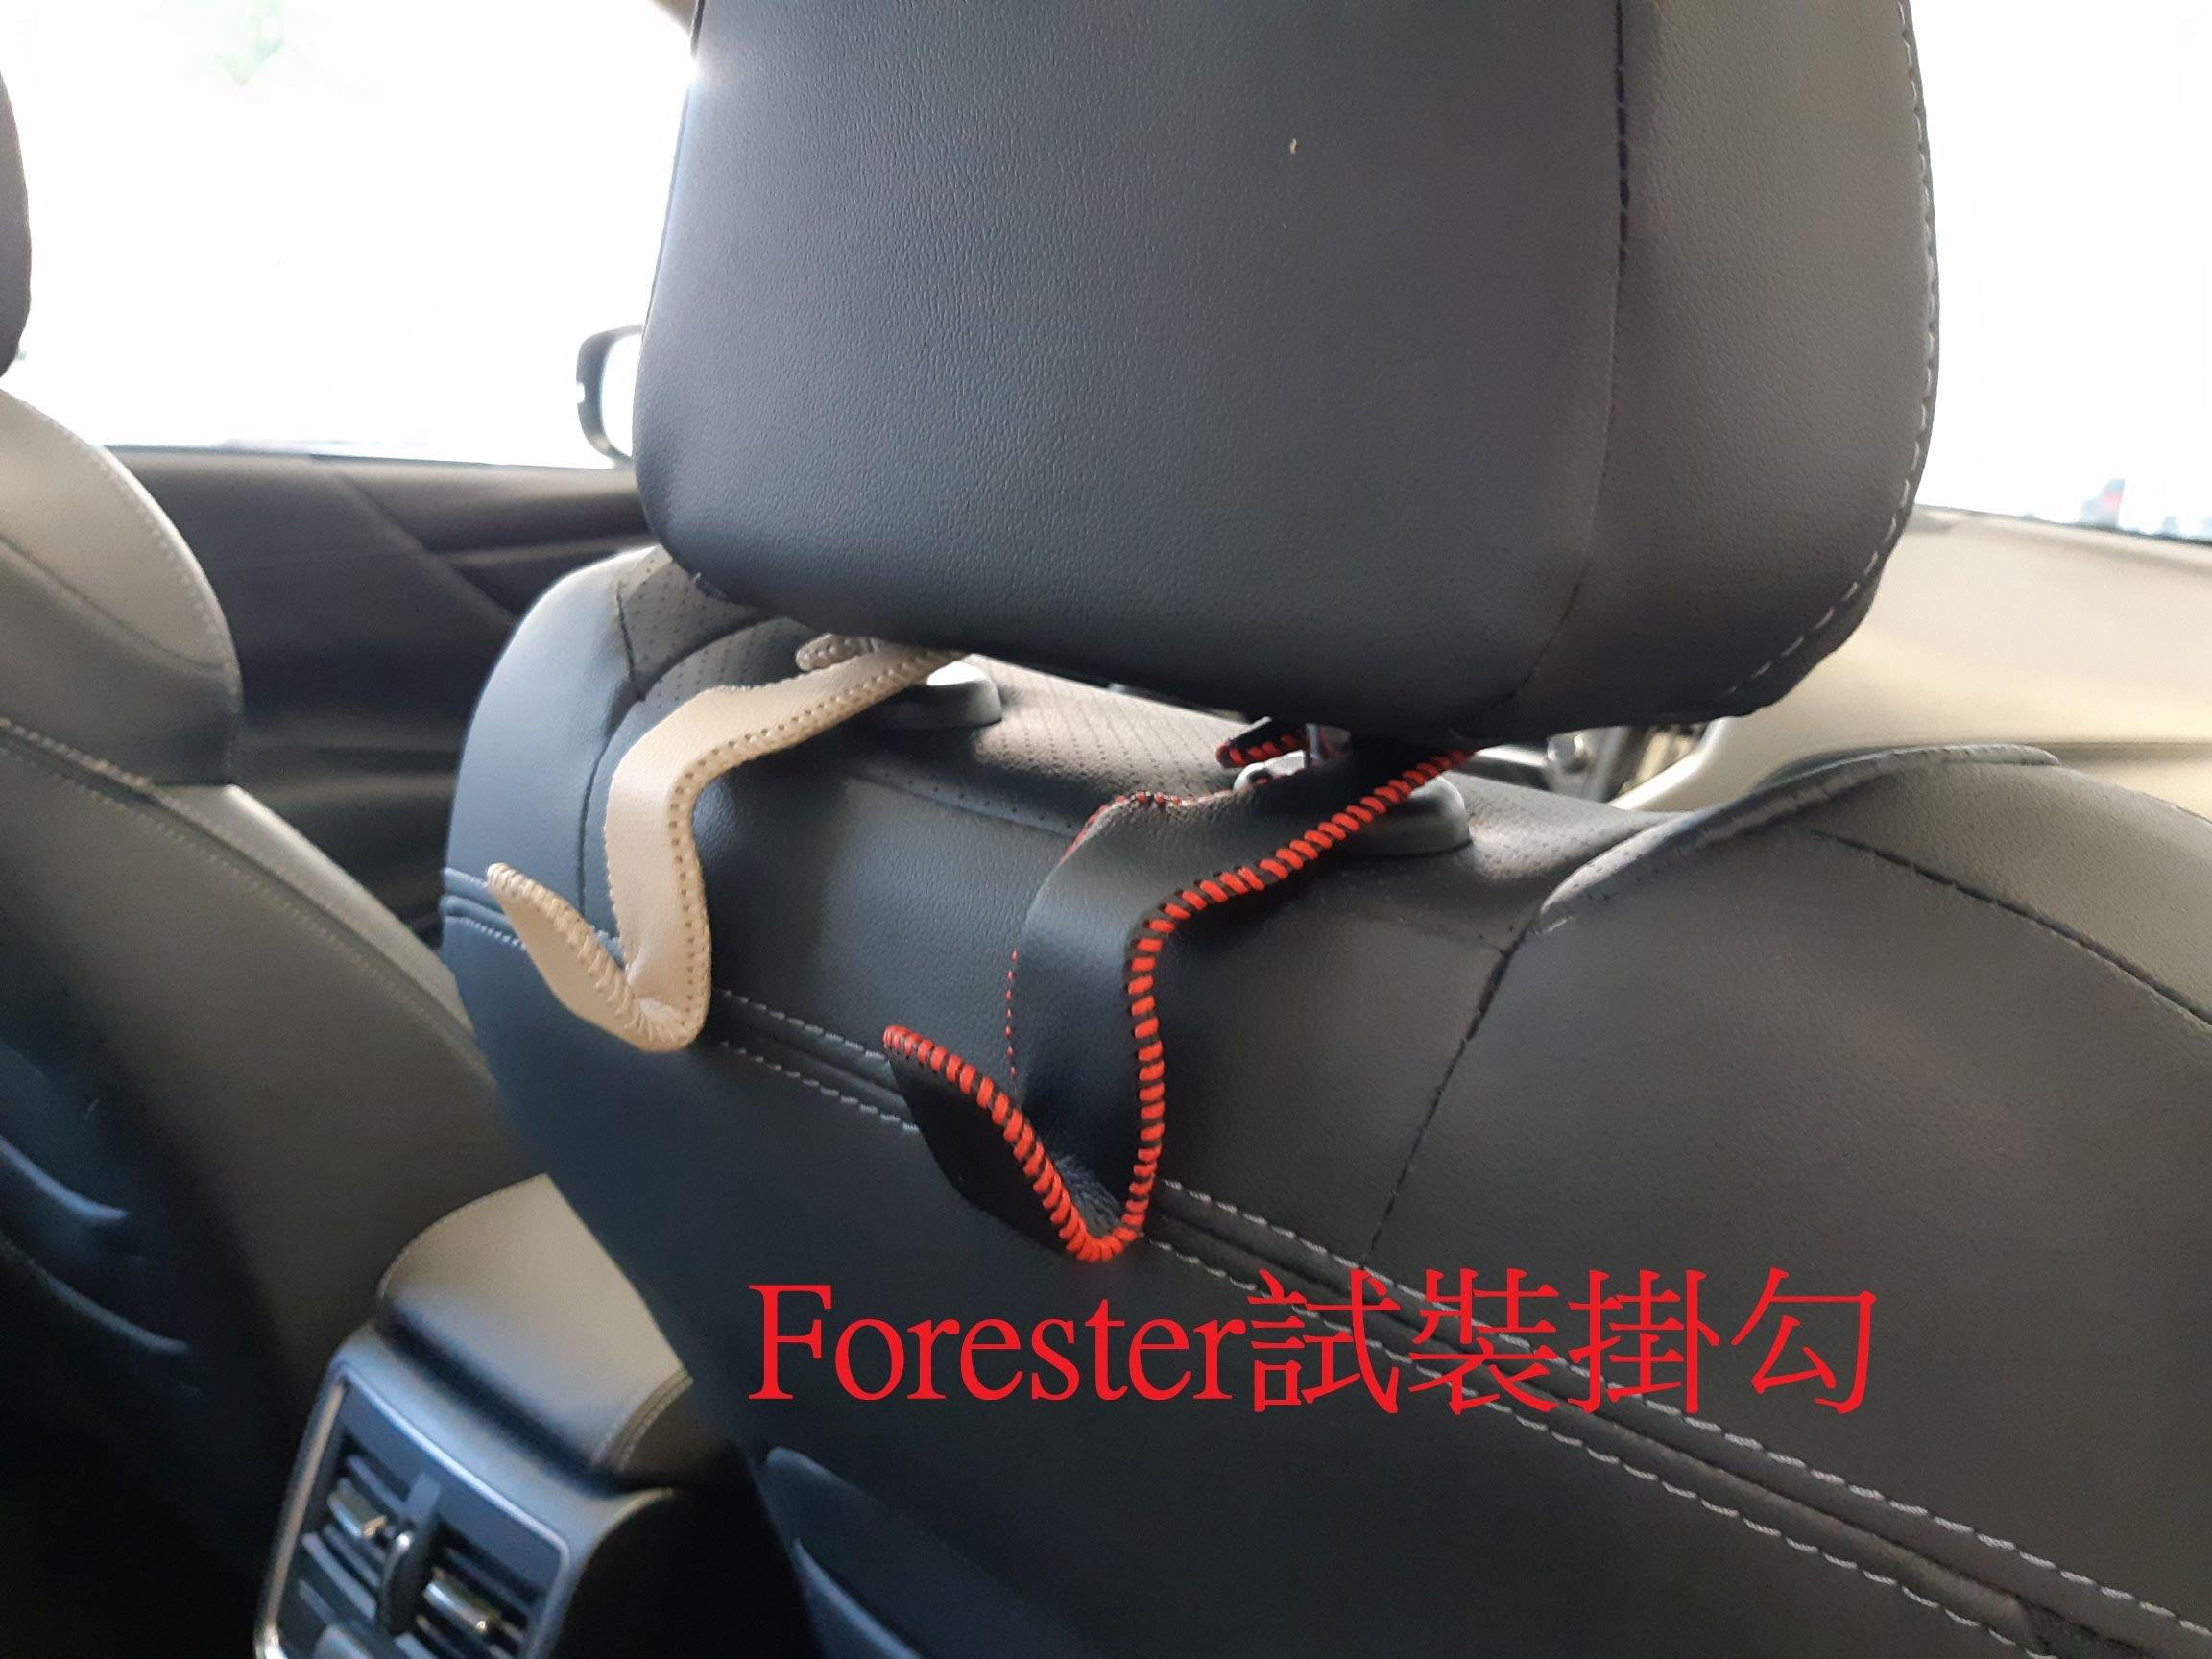 Forester XV Levorg Impreza Outback高質感汽車椅背皮革不銹鋼掛勾 隱藏式掛勾座椅掛勾